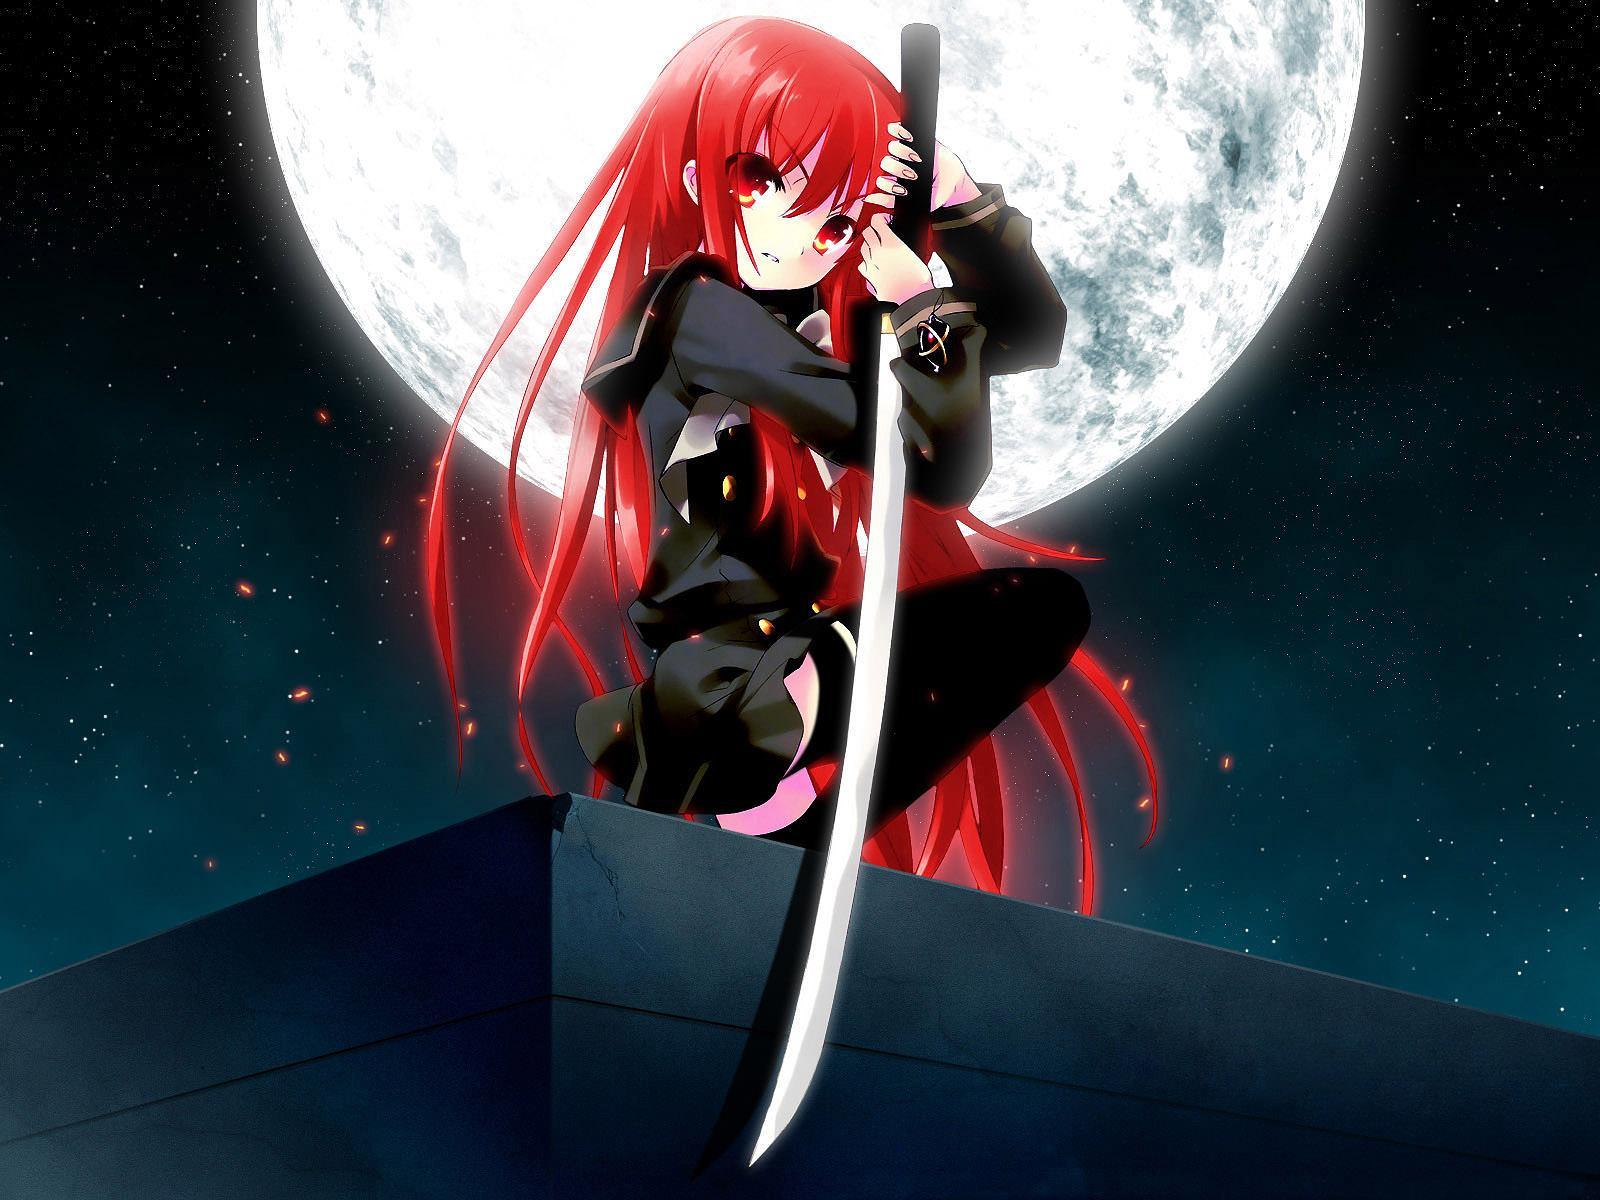 Anime Ninja Girl Wallpaper Hd - Anime Wallpapers